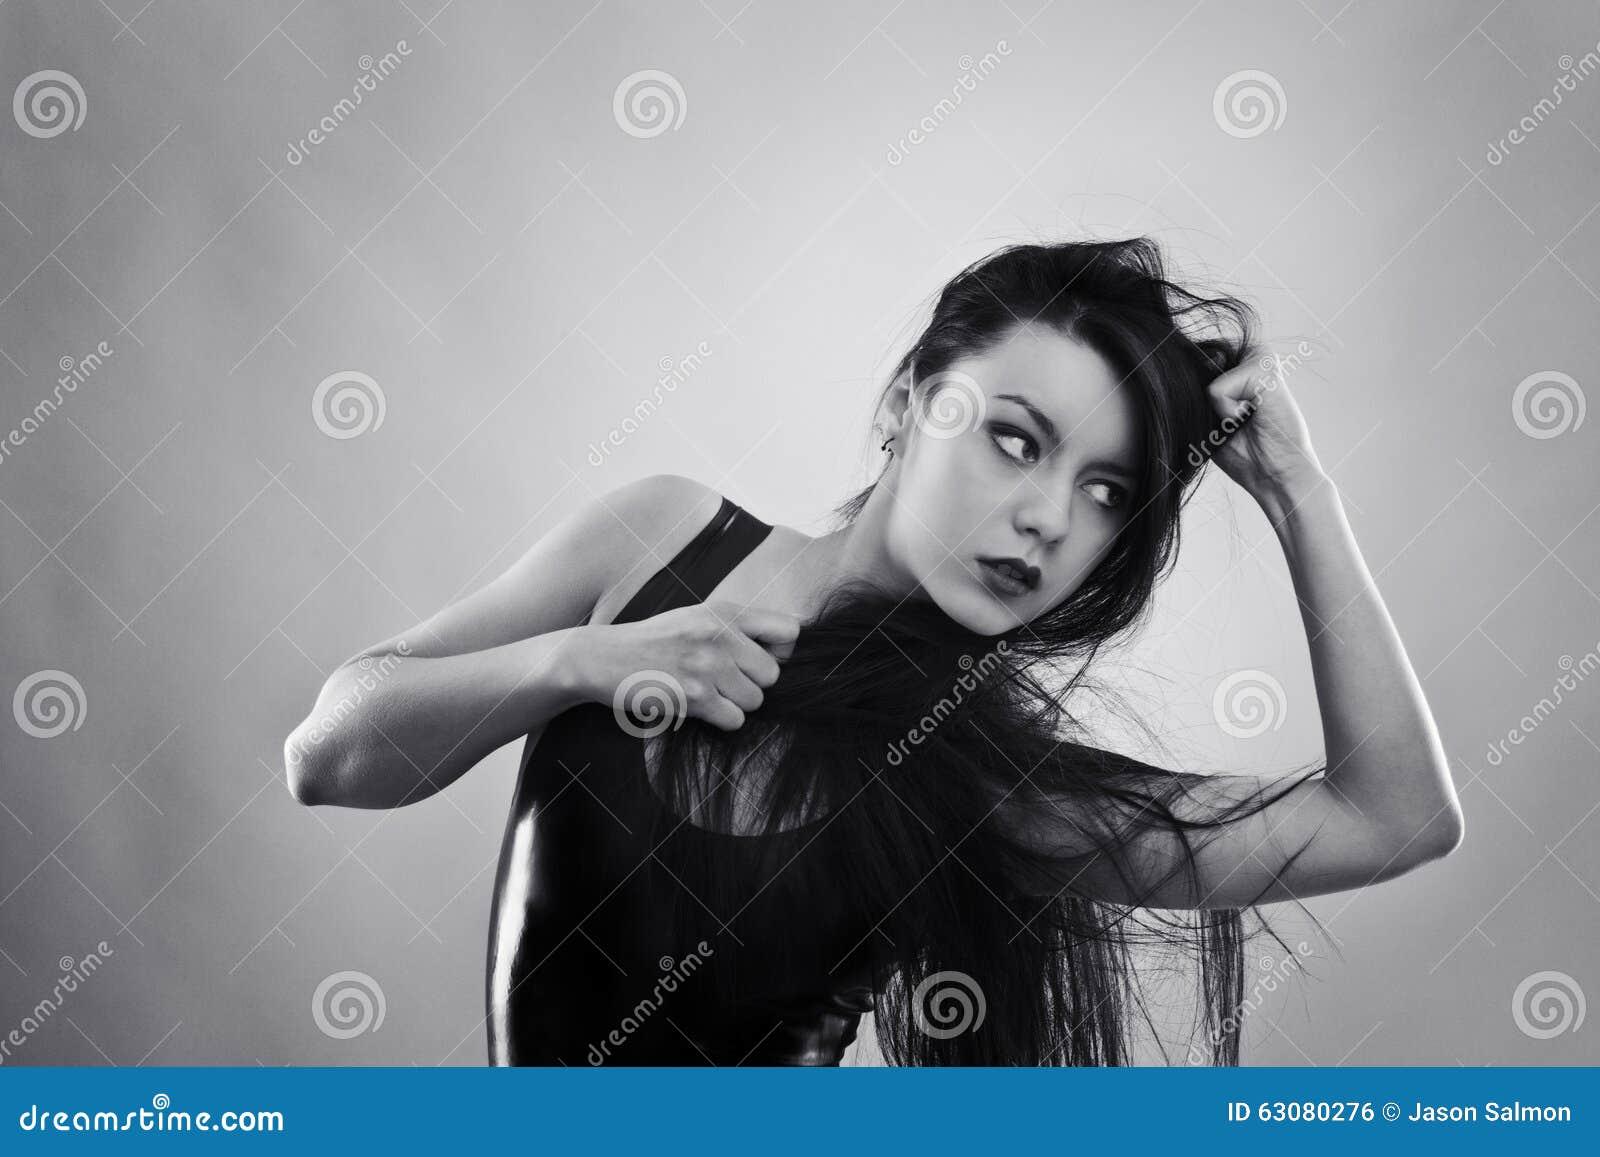 Download Femme dans le latex photo stock. Image du adulte, modèle - 63080276